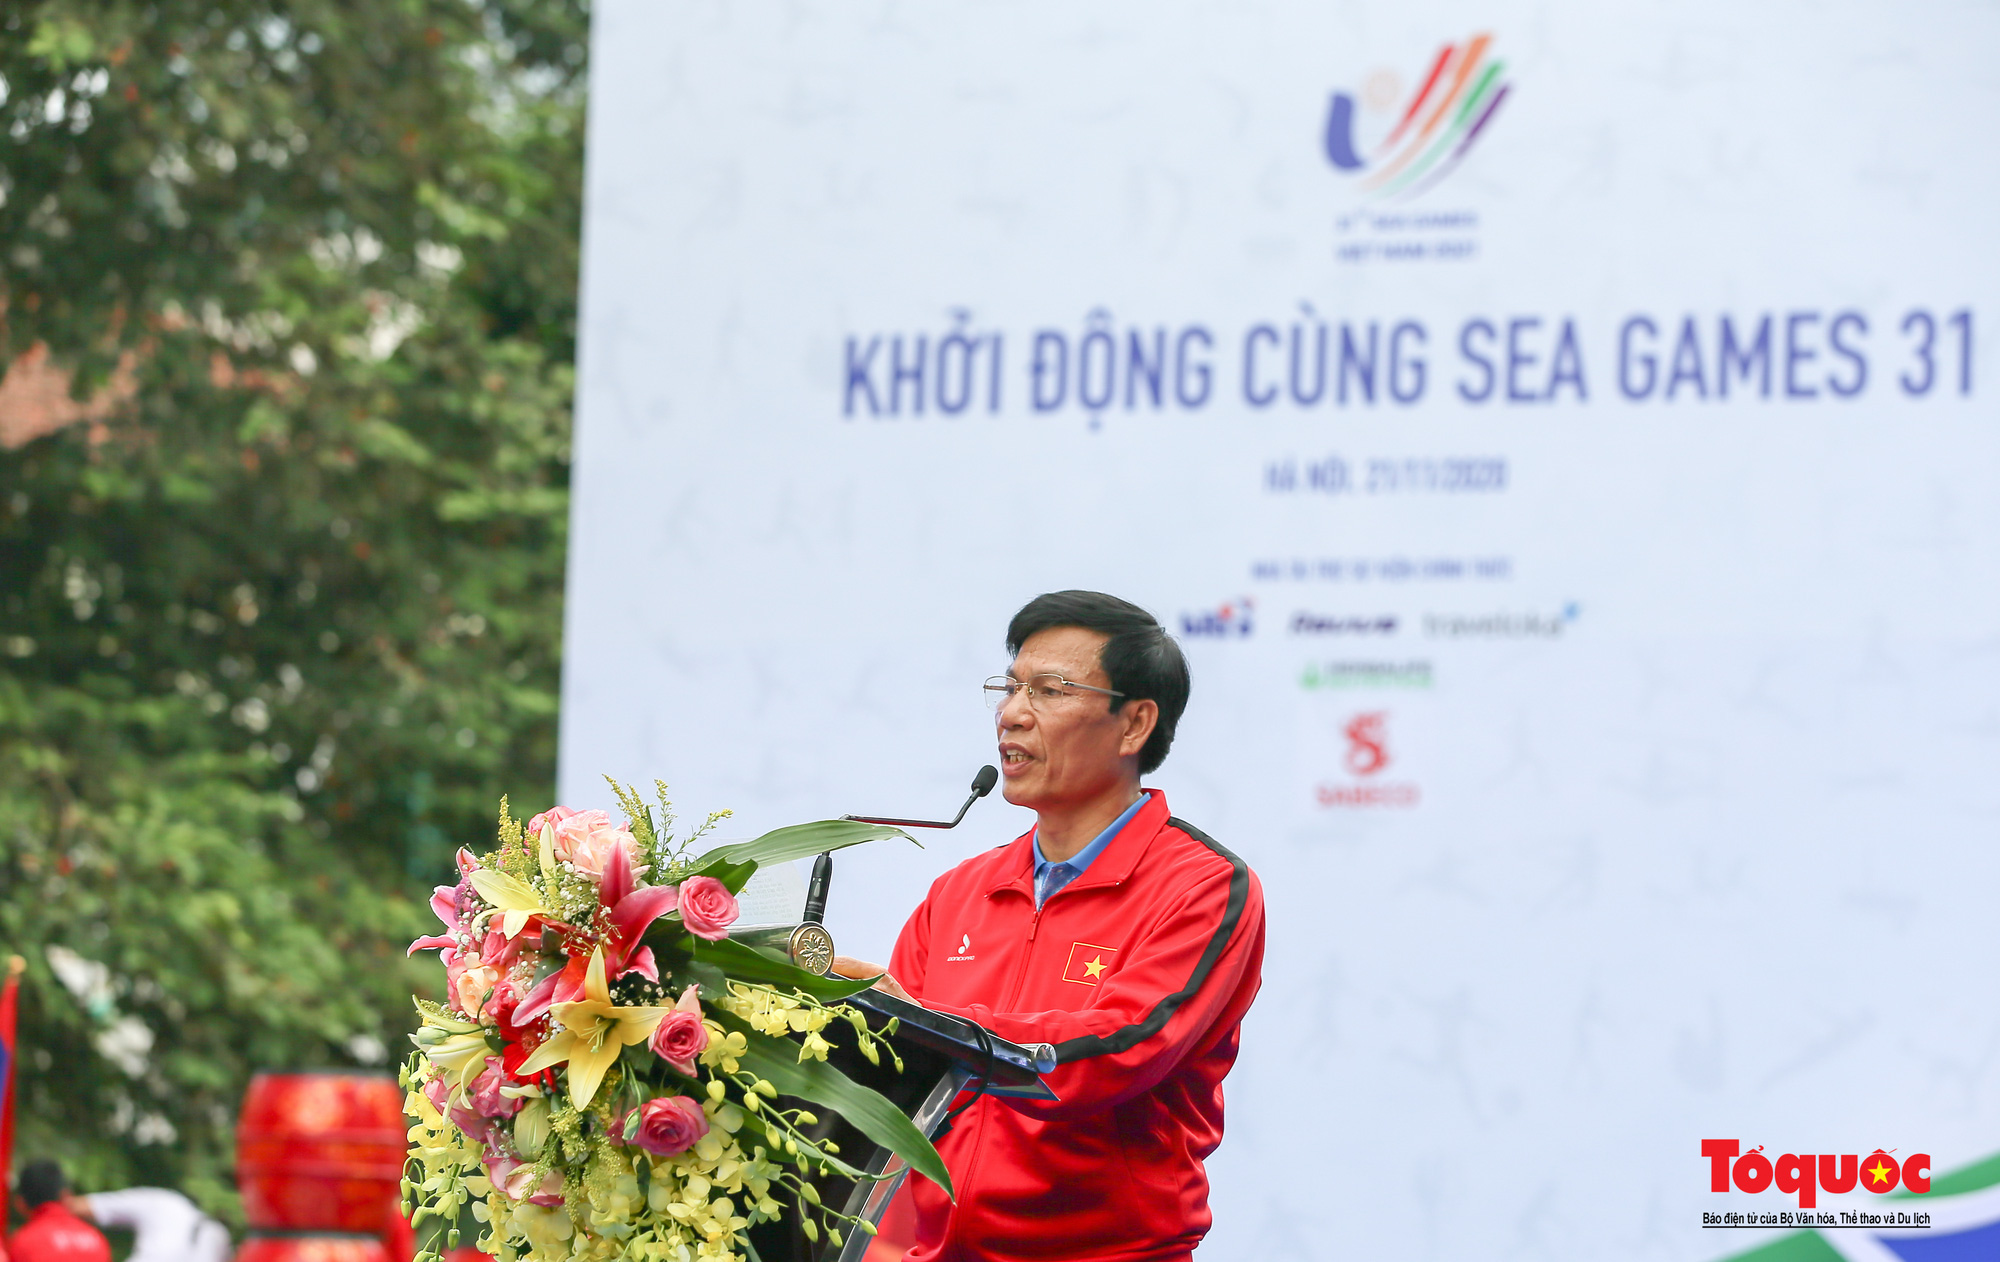 Khởi động cùng SEA Games 31 - Việt Nam sẵn sàng cho Đại hội thể thao lớn nhất Đông Nam Á  - Ảnh 3.